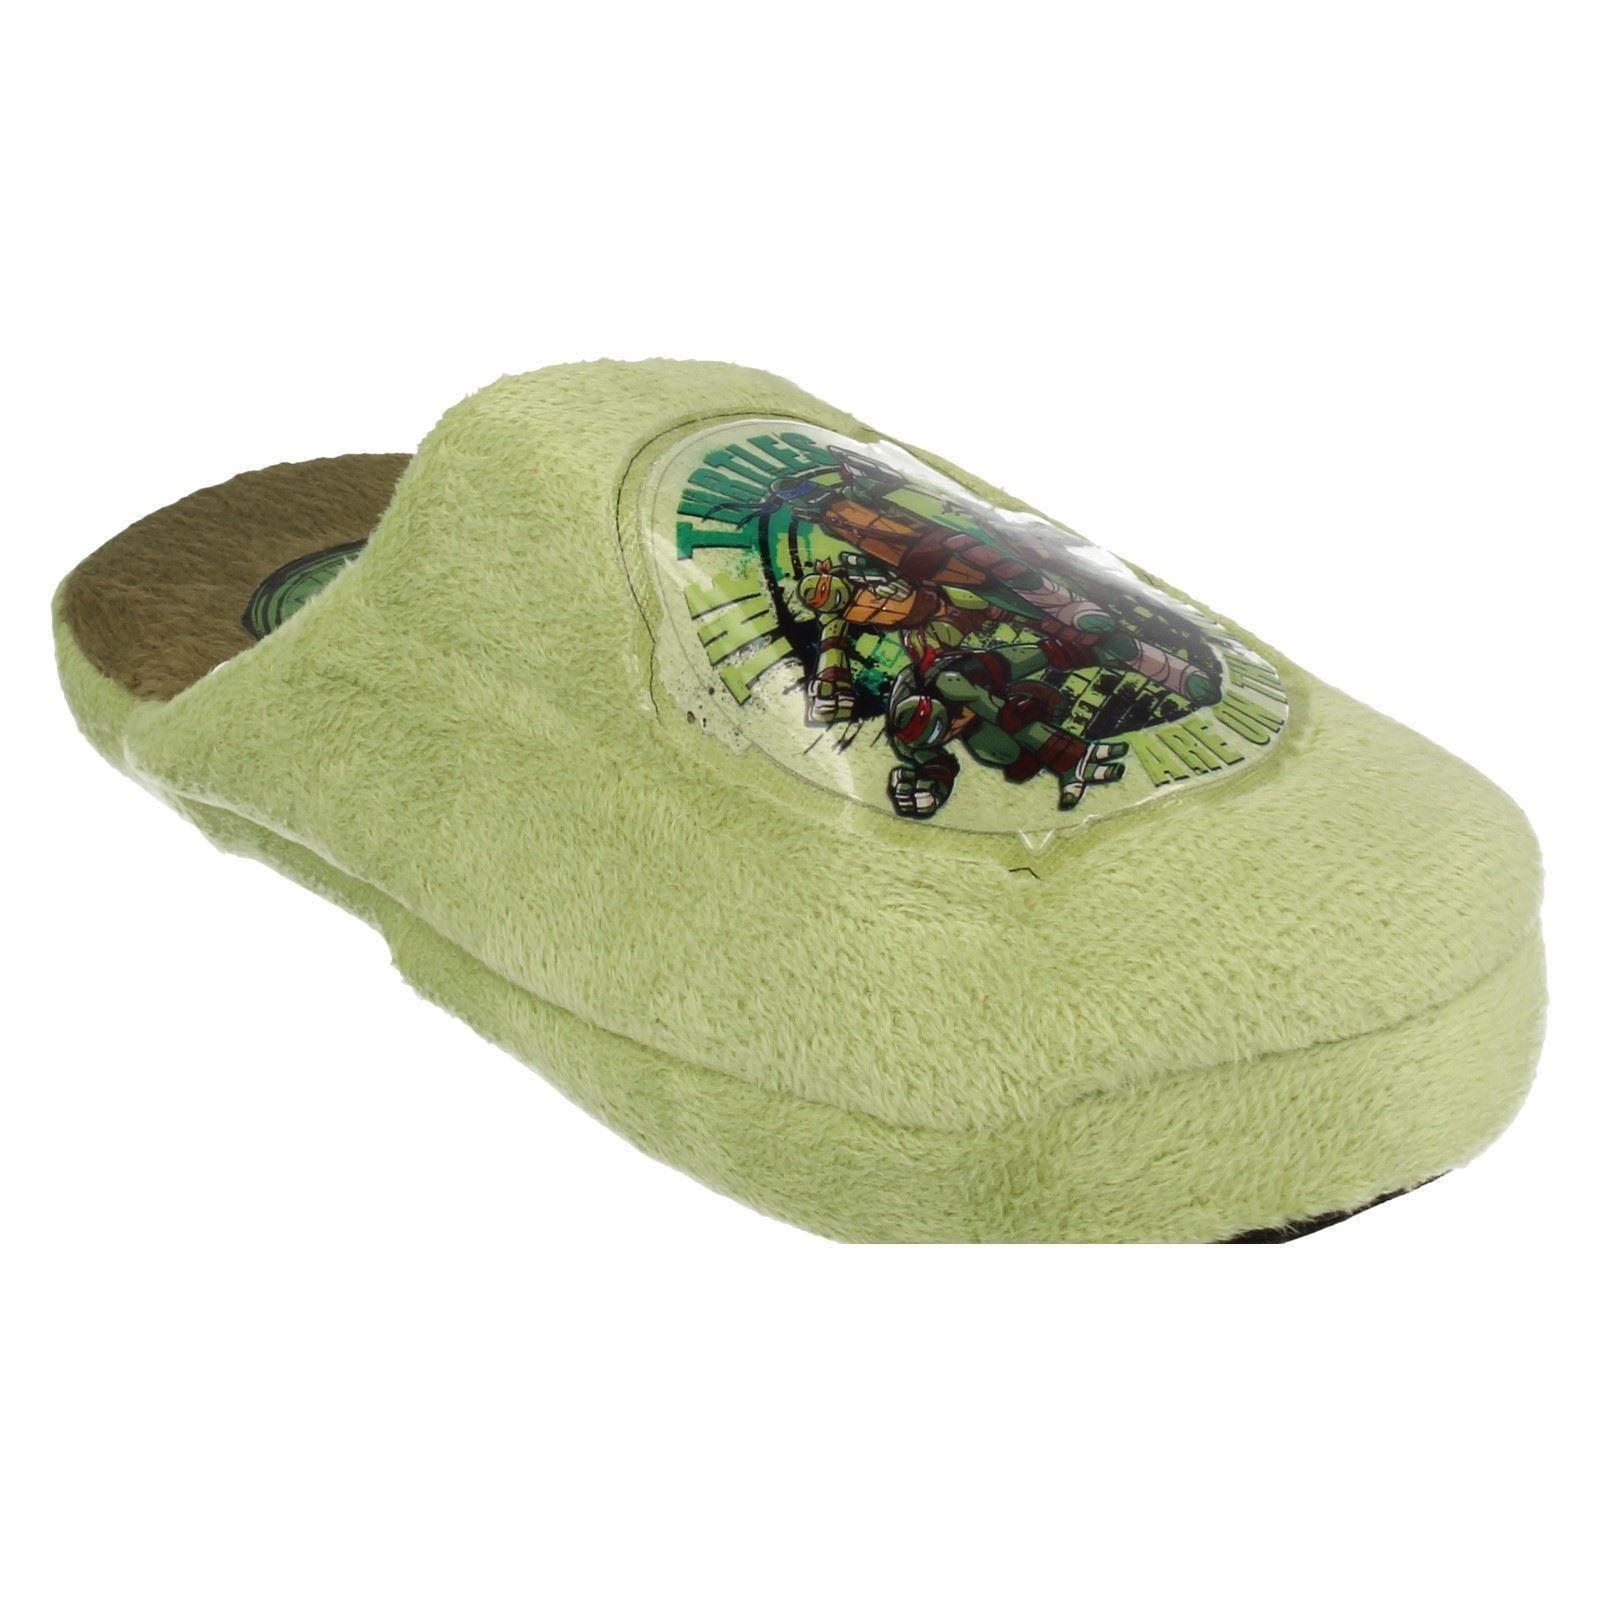 'Boys Spot On' Rounded Toe Mule Slippers - Teenage Mutant Ninja Turtles